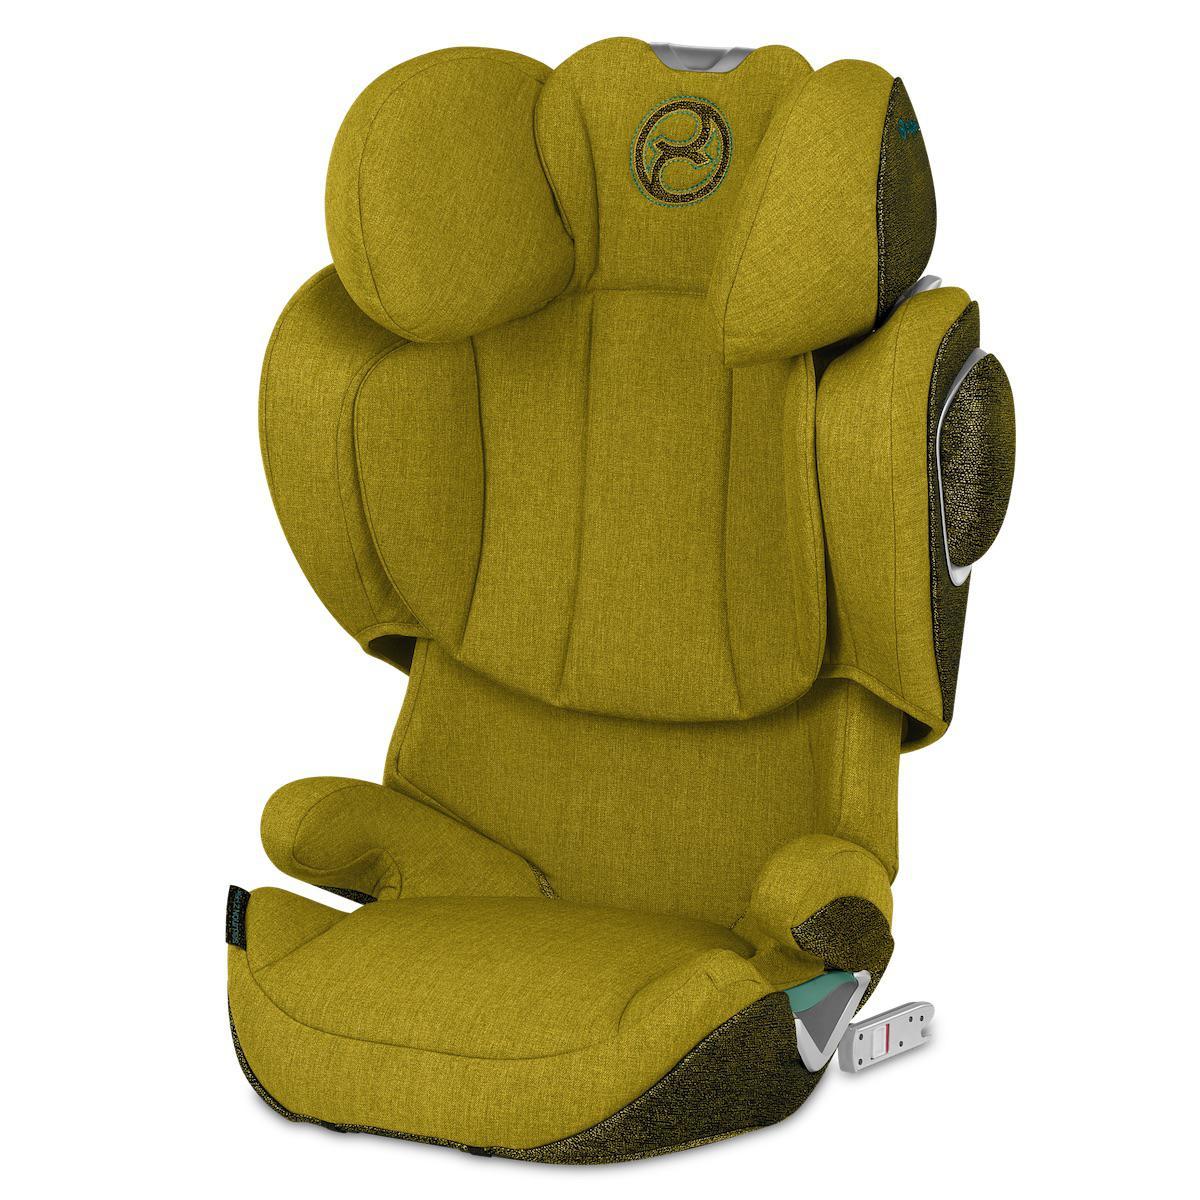 Siège auto gr2/3 SOLUTION Z I-FIX PLUS Cybex Mustard yellow-yellow